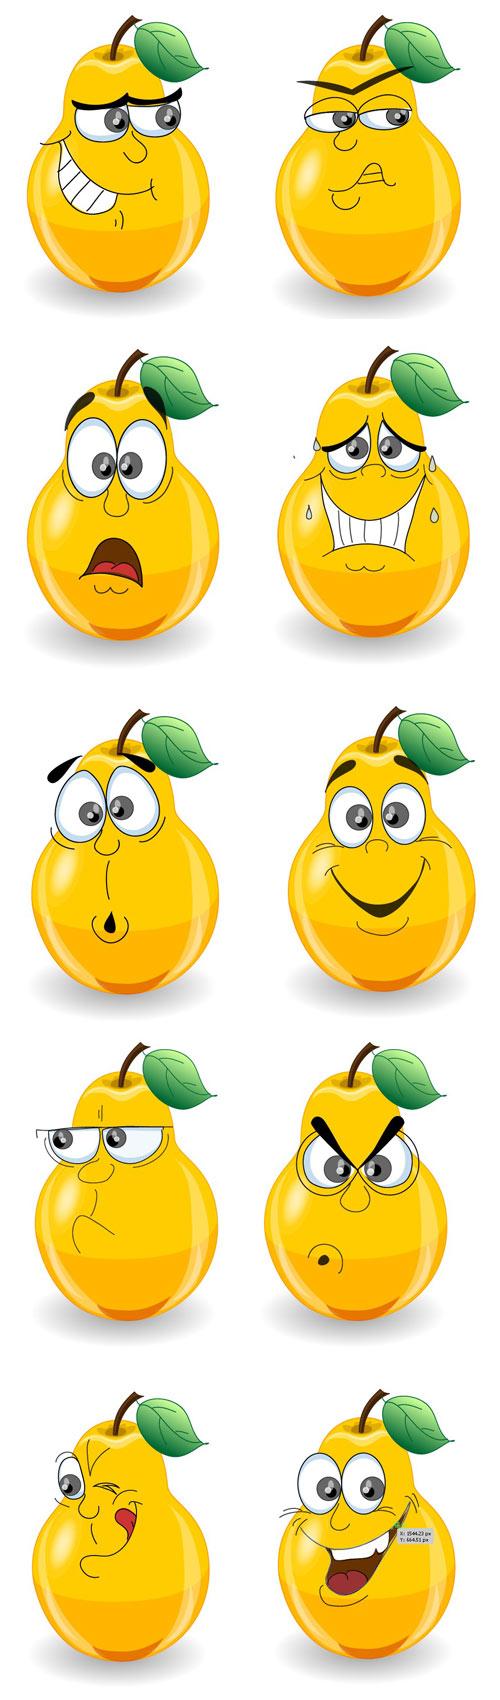 Pear clipart cute cartoon Pinterest har Clipart Cute